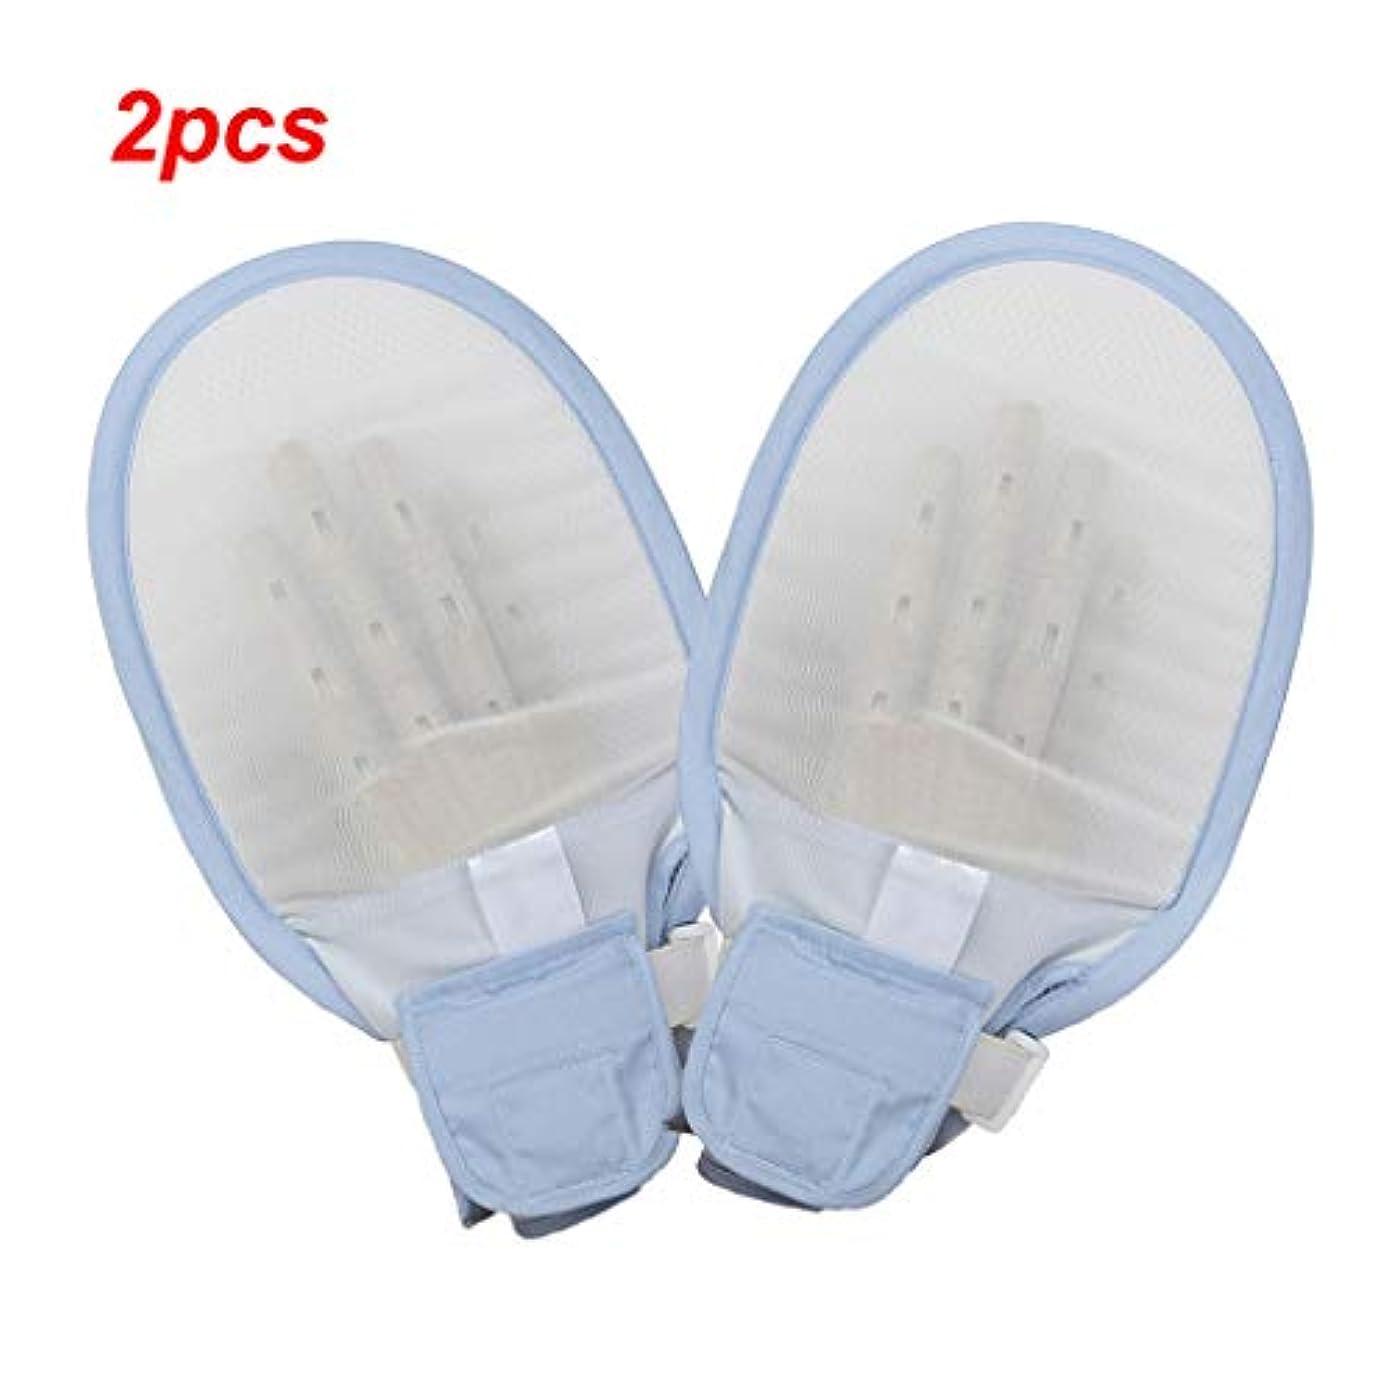 バイパスチョップ縫うソフト保護手袋 - 患者および高齢者のための3Dメッシュアンチスウィング患者自己傷害、アンチグリップ、通気性および乾燥性,2pcs